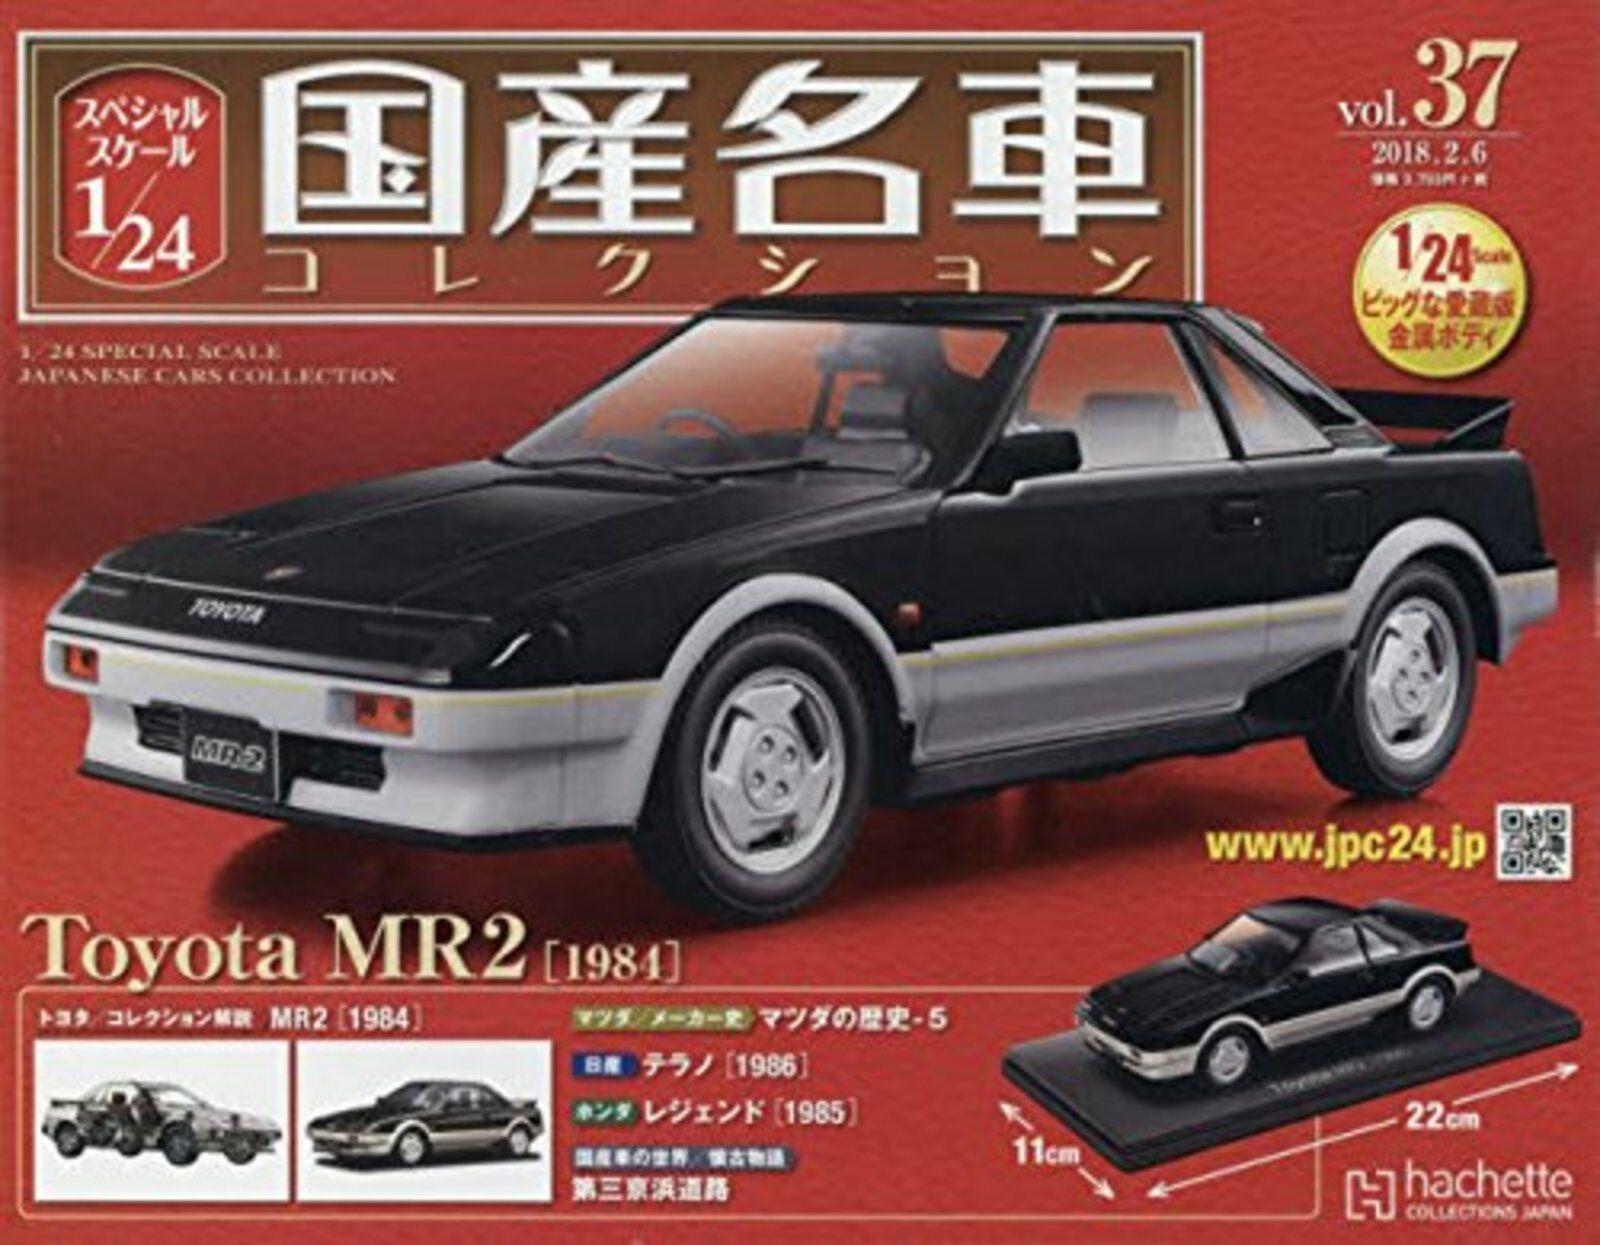 1 24 Spécial Echelle Japonais Voitures Collection Vol.37 Toyota Mr2 1984 F   Sw